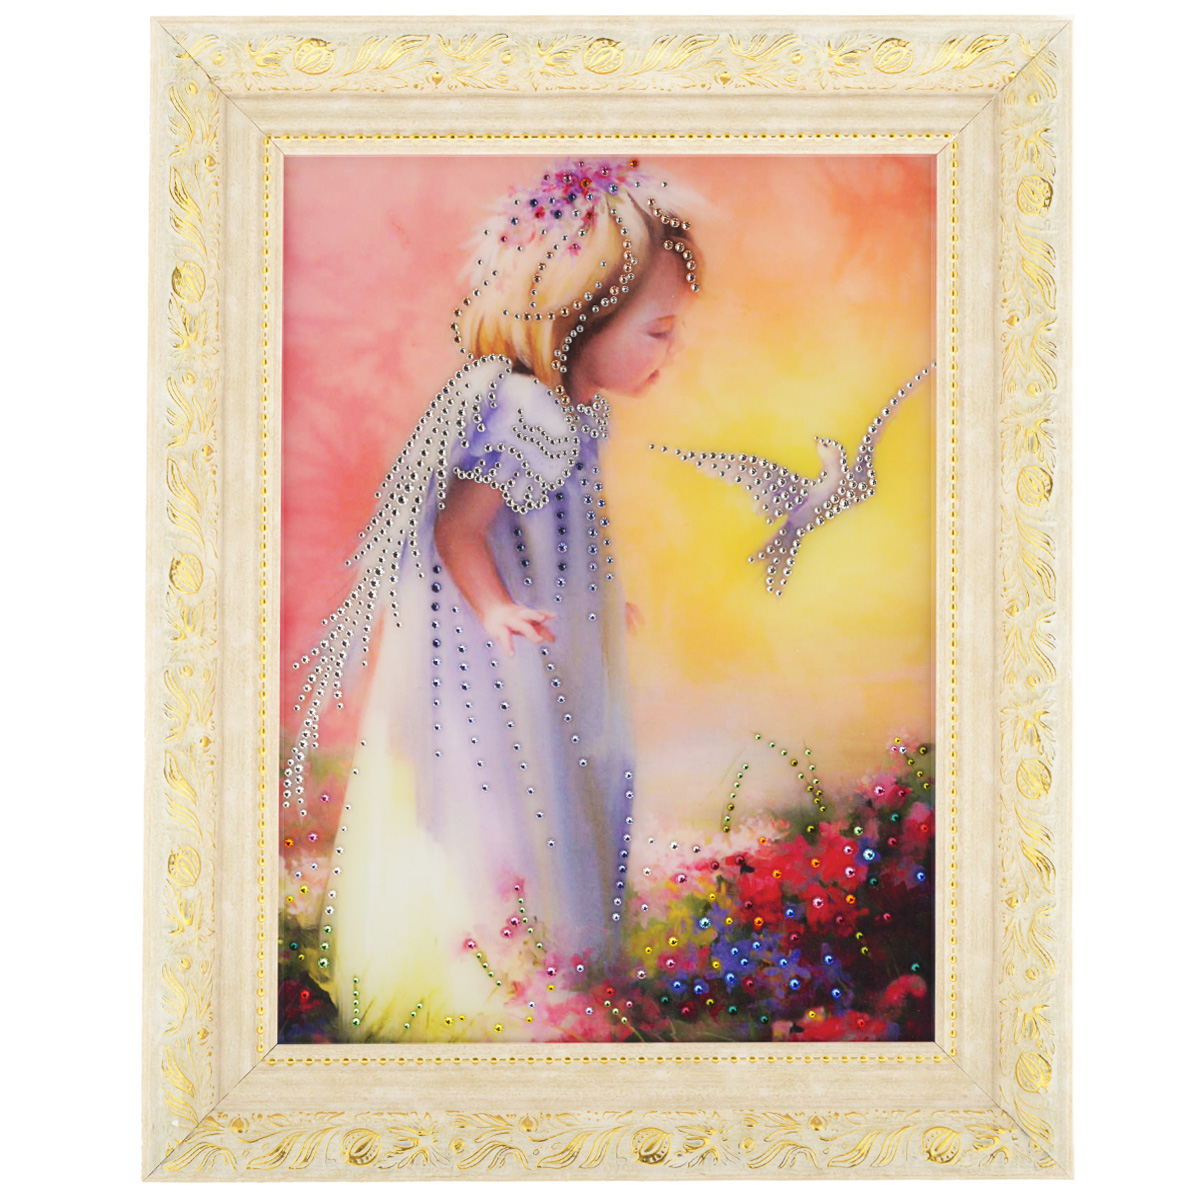 Картина с кристаллами Swarovski Детство, 50 см х 40 см26x40 OZ110-504011Изящная картина в багетной раме, инкрустирована кристаллами Swarovski, которые отличаются четкой и ровной огранкой, ярким блеском и чистотой цвета. Красочное изображение маленькой девочки и птички, расположенное под стеклом, прекрасно дополняет блеск кристаллов. С обратной стороны имеется металлическая проволока для размещения картины на стене. Картина с кристаллами Swarovski Детство элегантно украсит интерьер дома или офиса, а также станет прекрасным подарком, который обязательно понравится получателю. Блеск кристаллов в интерьере, что может быть сказочнее и удивительнее. Картина упакована в подарочную картонную коробку синего цвета и комплектуется сертификатом соответствия Swarovski.